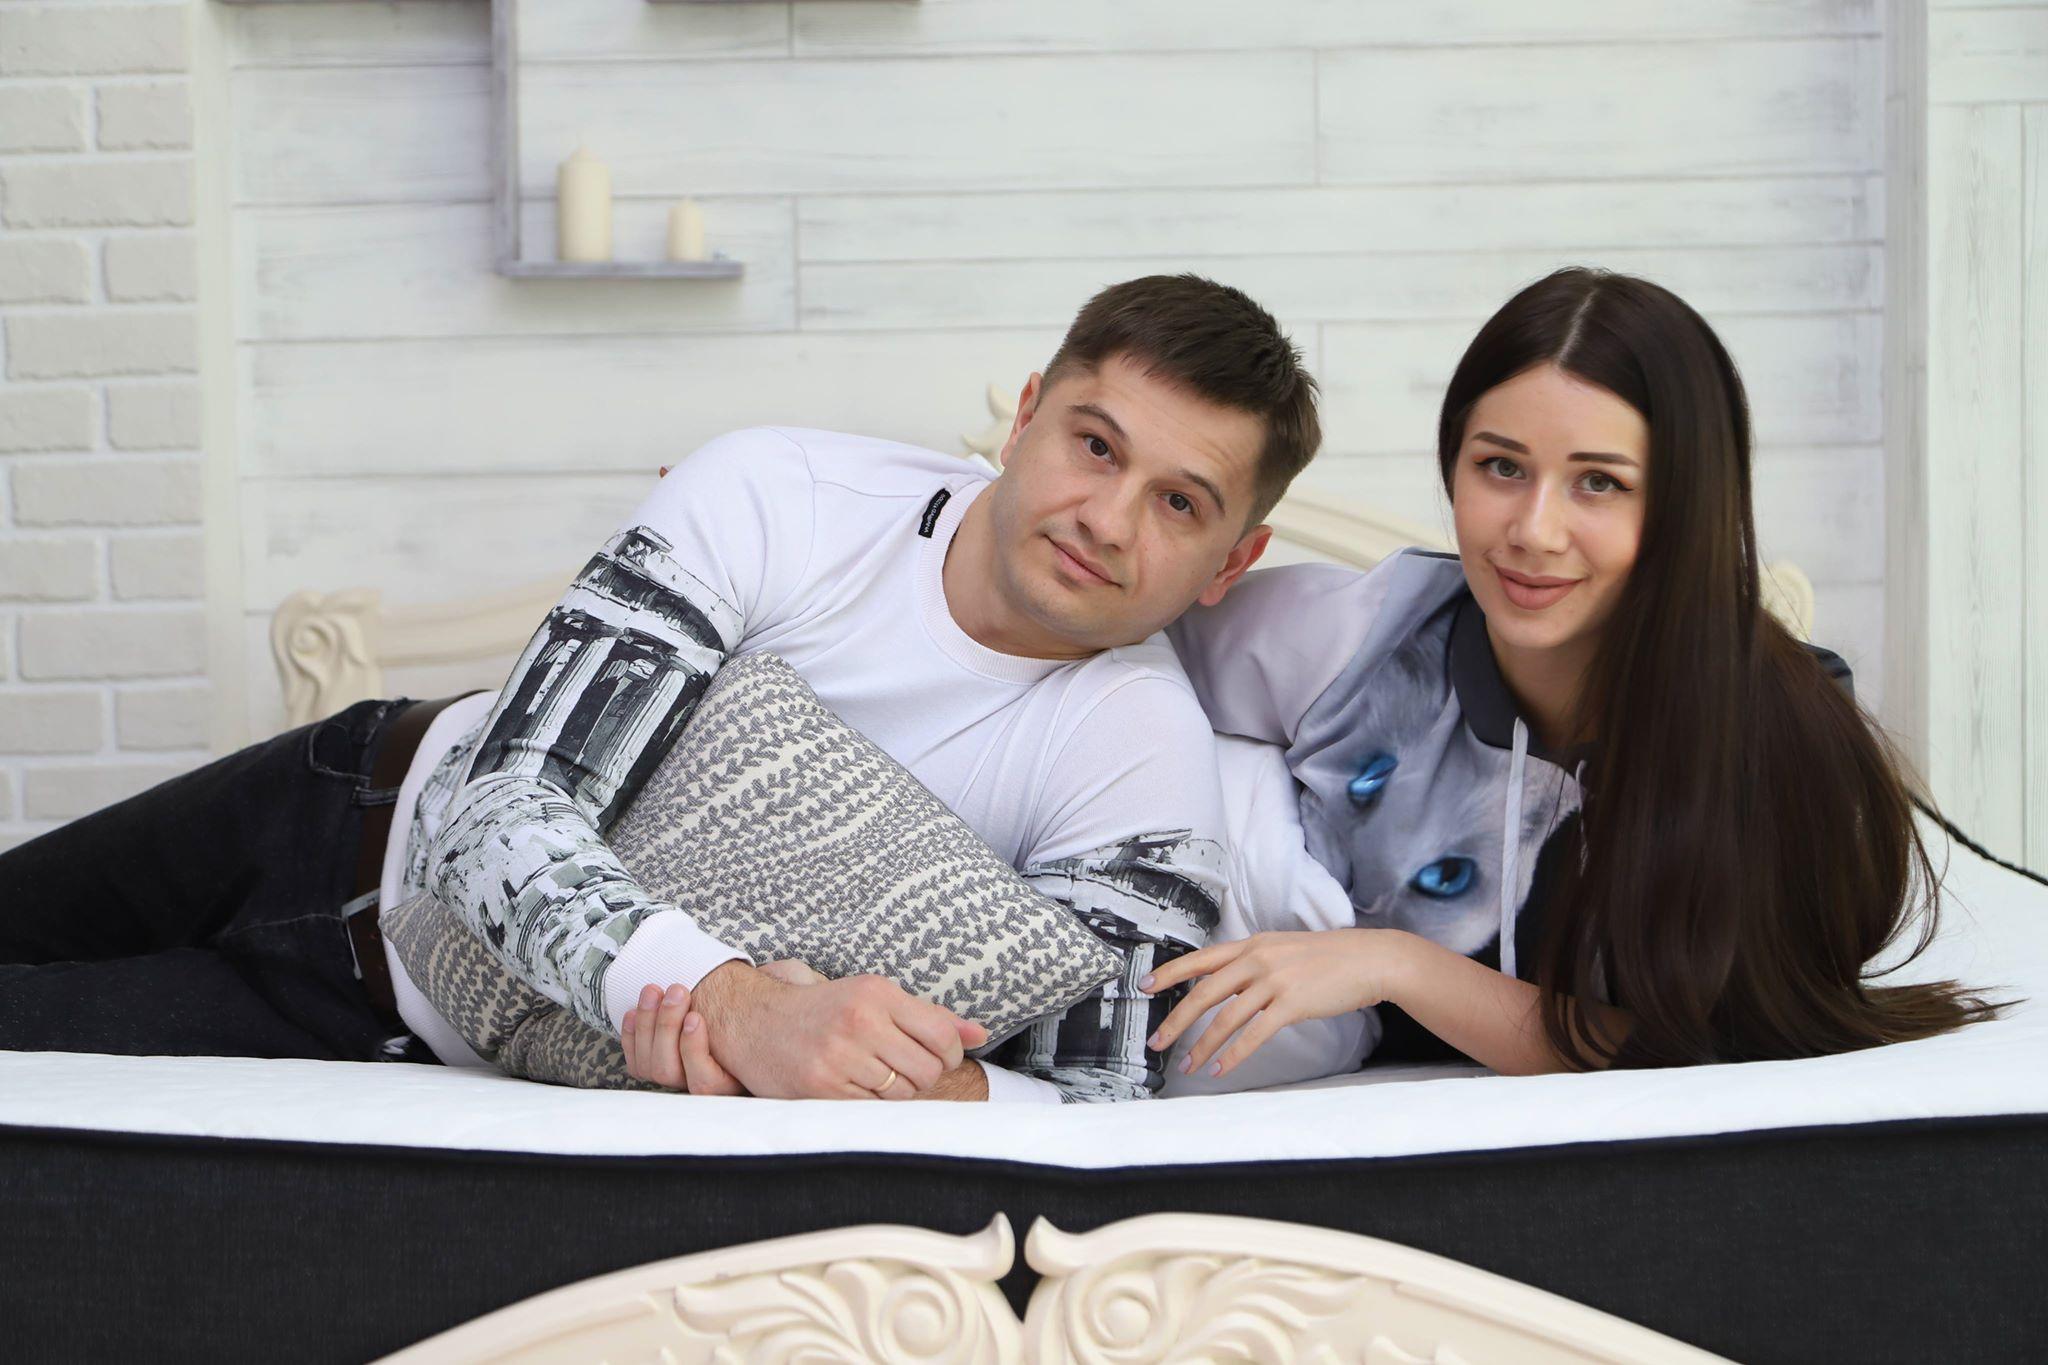 Foto: Sergiu Covalschi și Irina Tarasiuc, despre diferența de vârstă în cuplu și cum minus cu minus devine plus